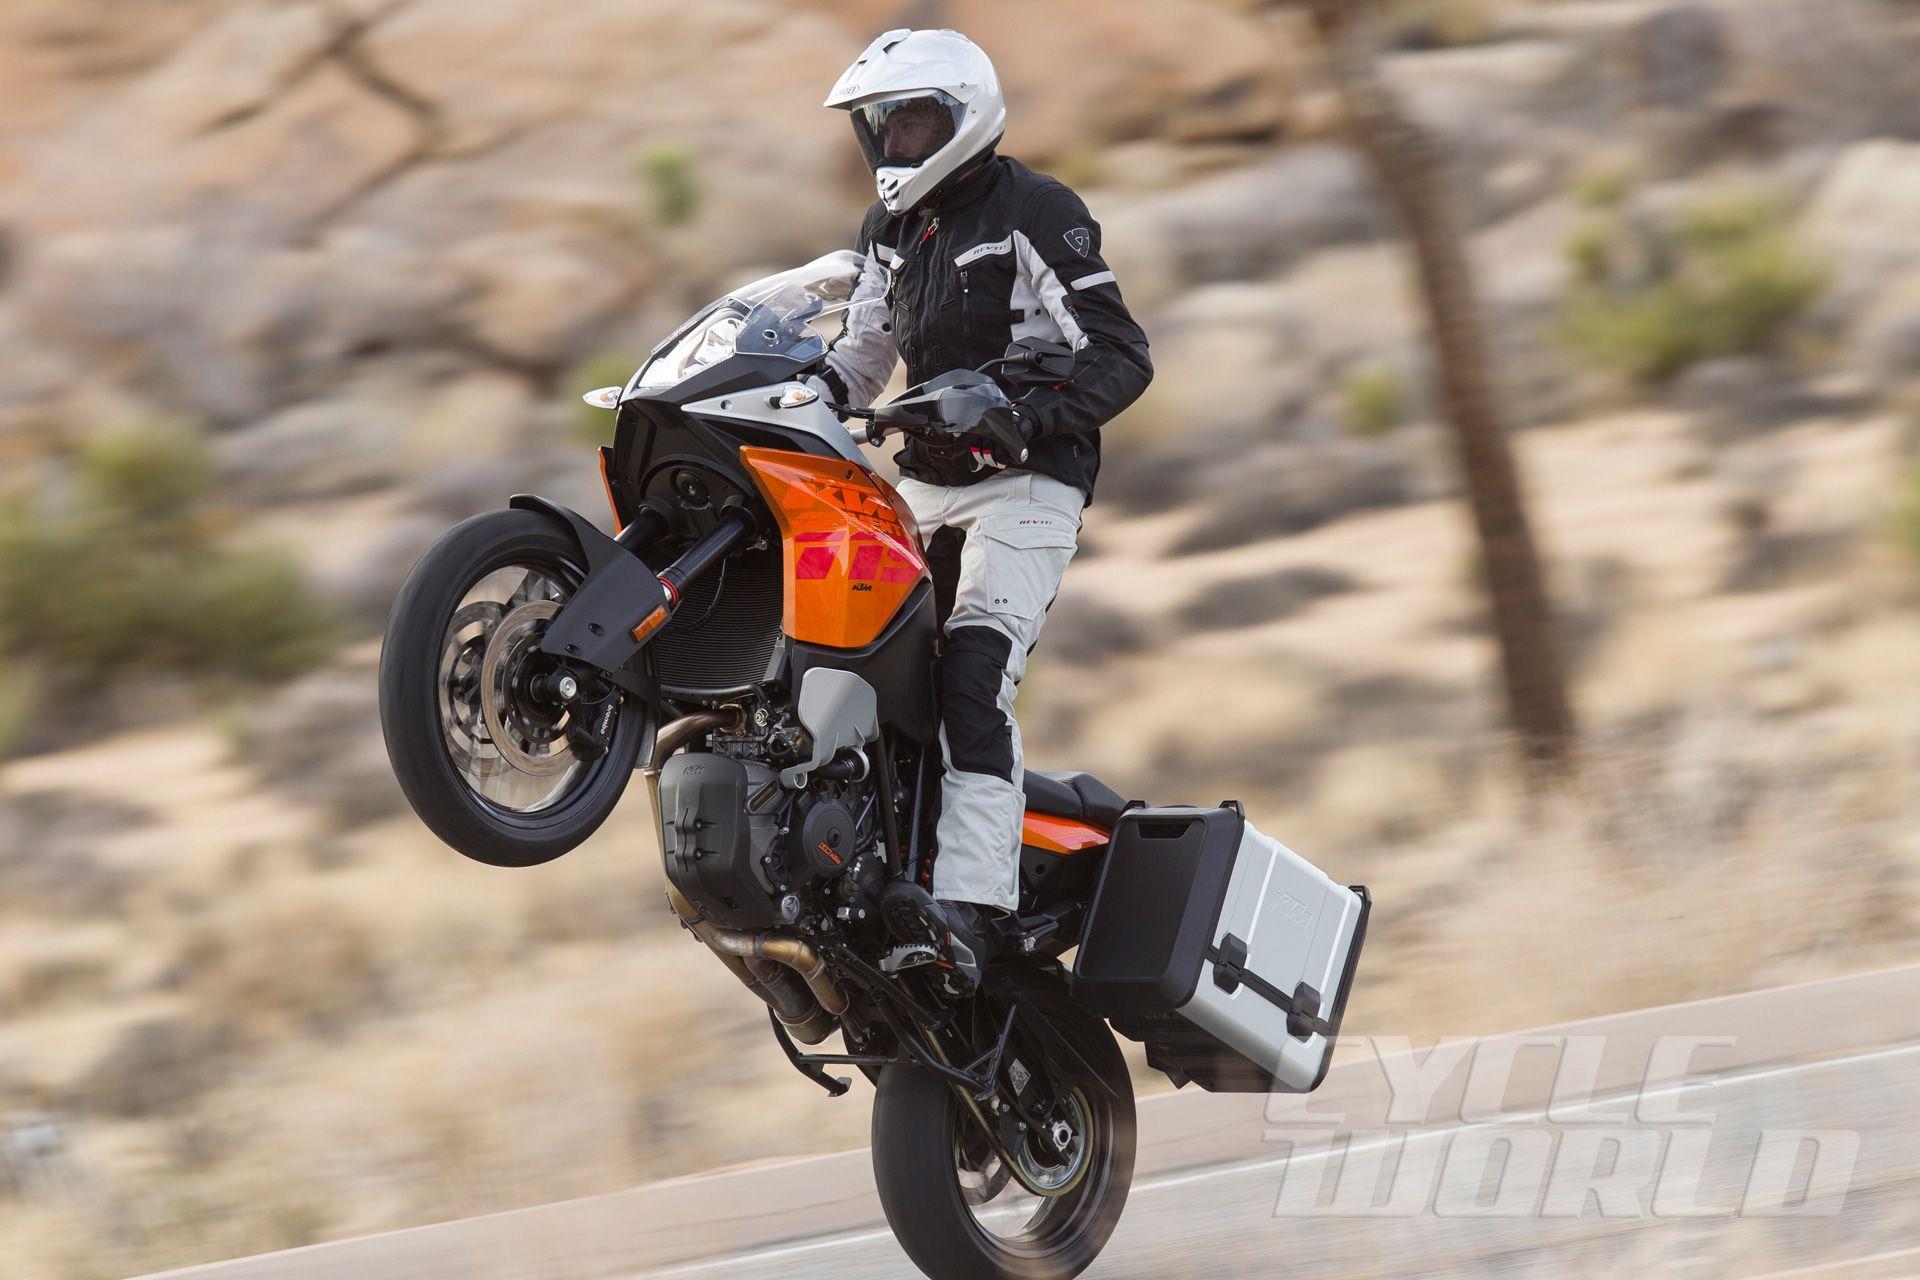 2013 KTM Adventure 1190 - Page 416 - ADVrider